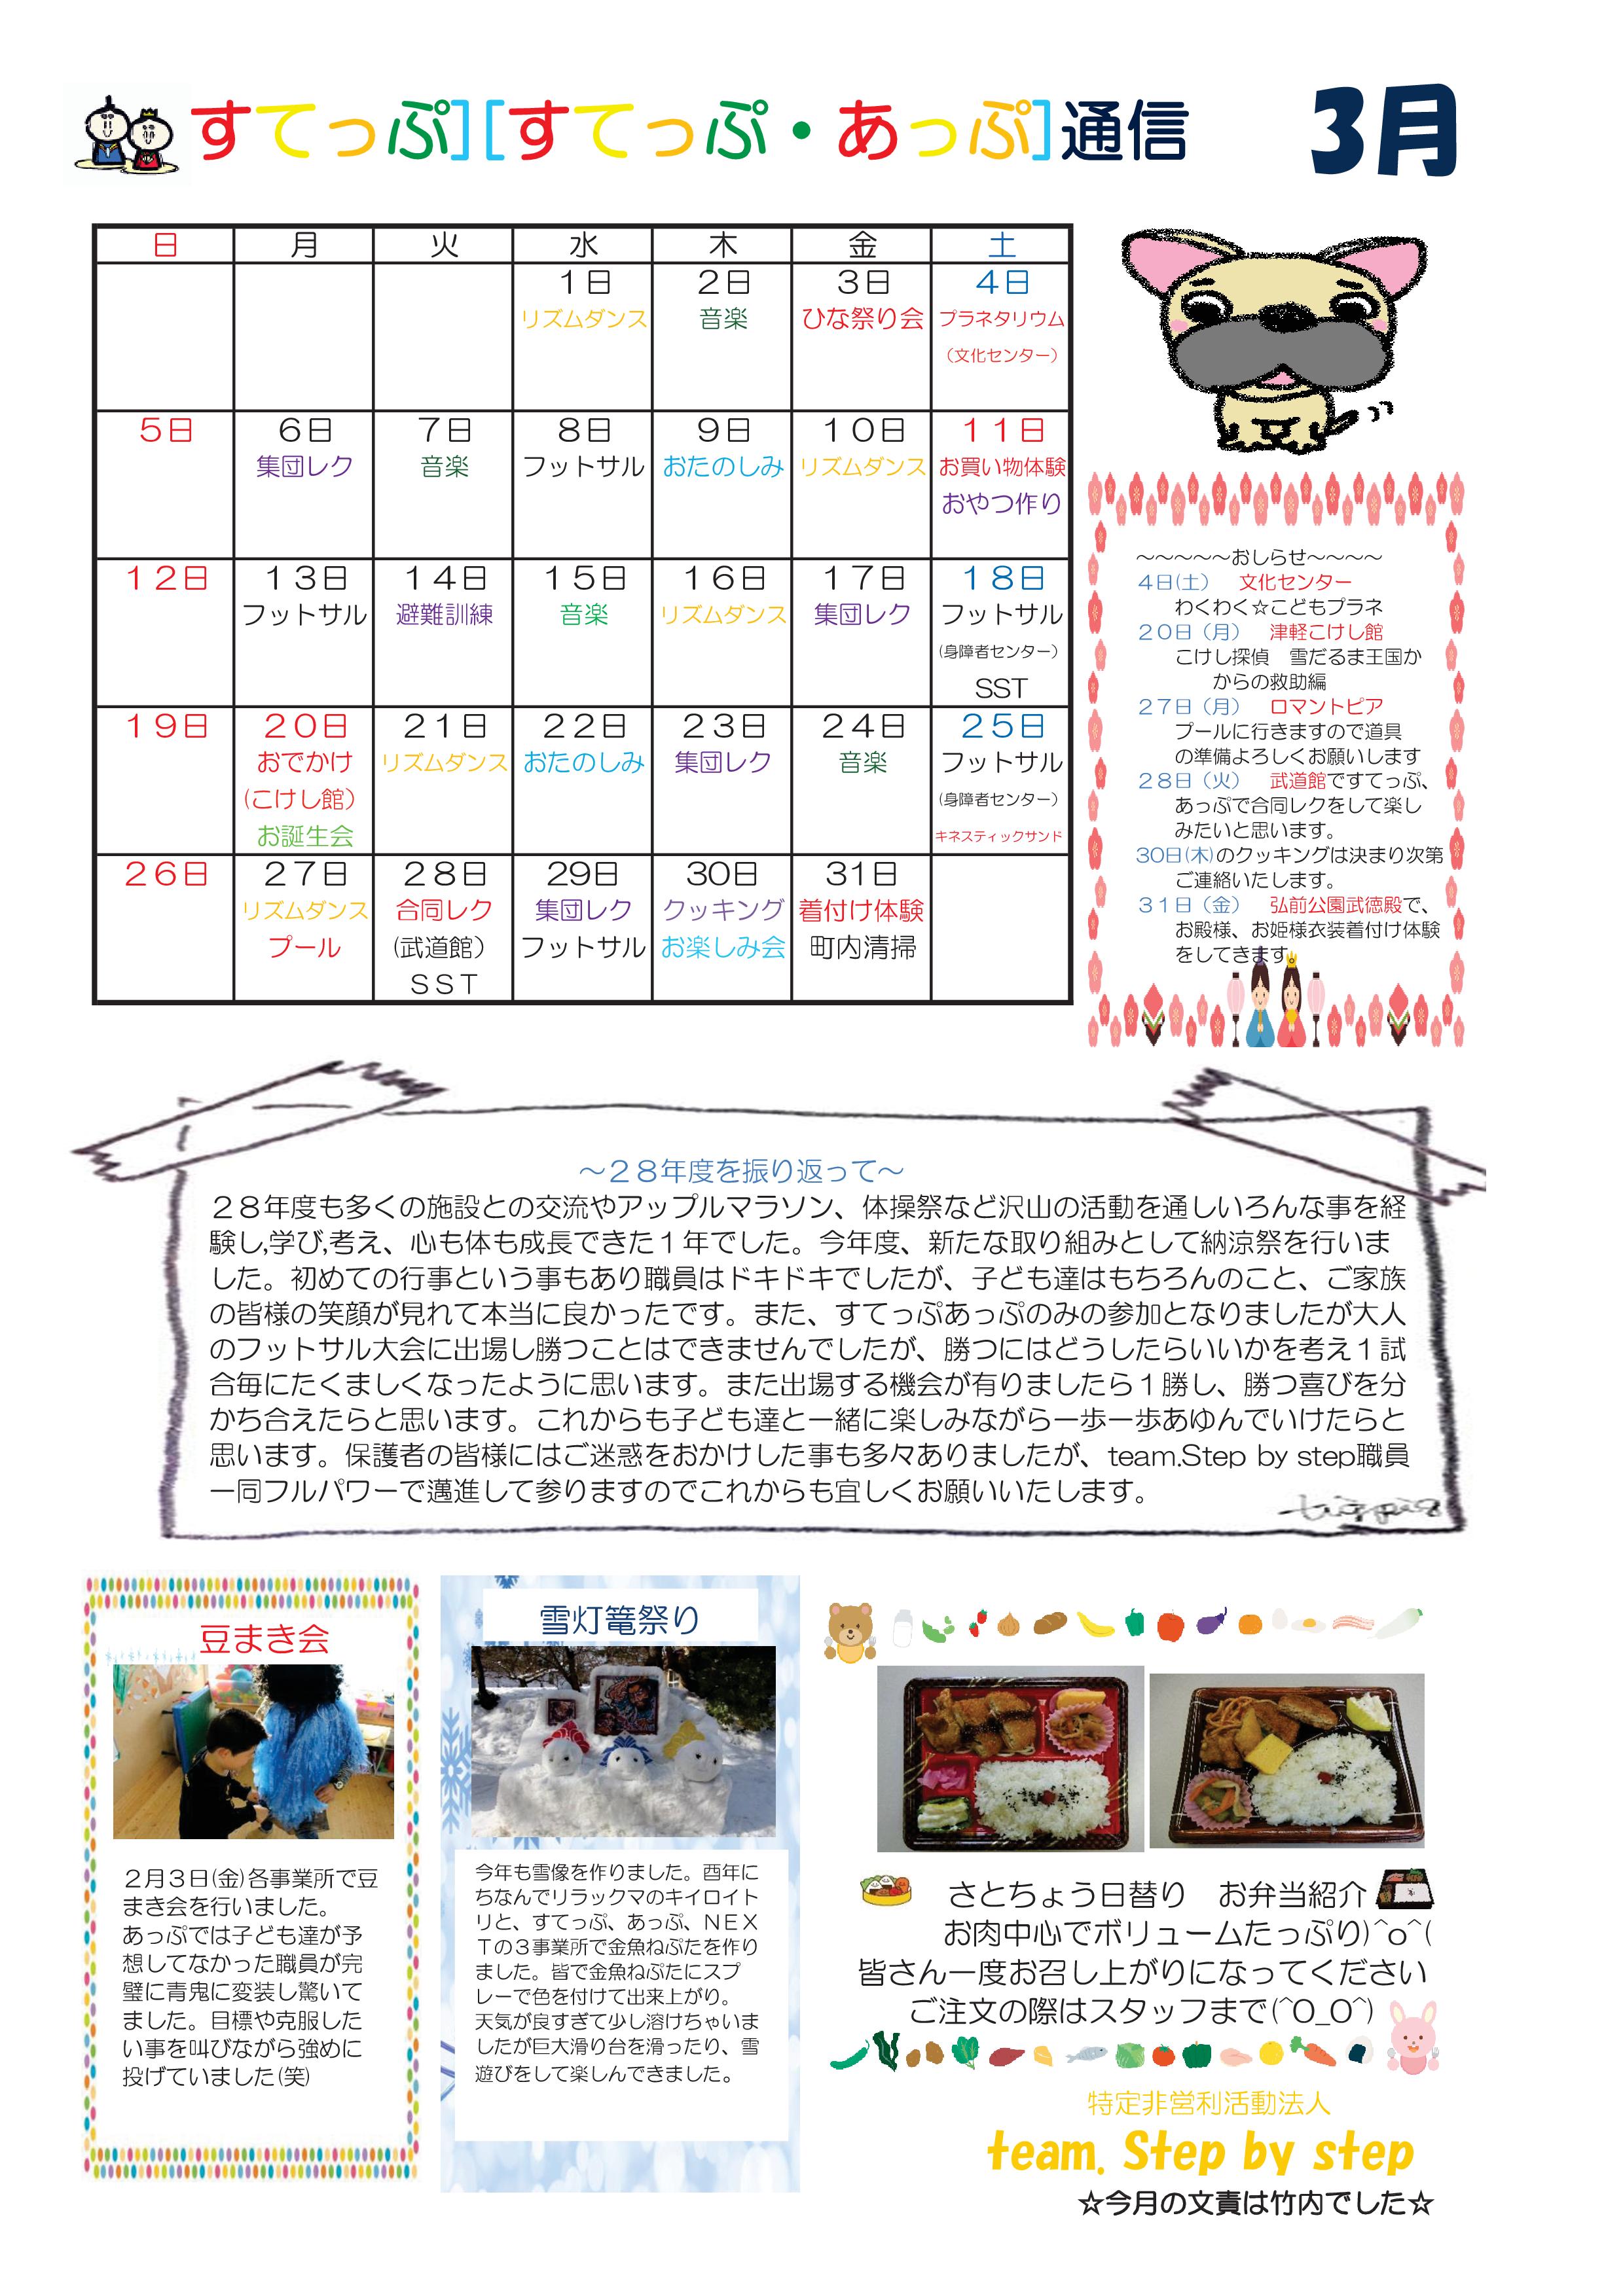 児童デイサービスすてっぷ 日中一時支援 すてっぷ通信2017年3月号